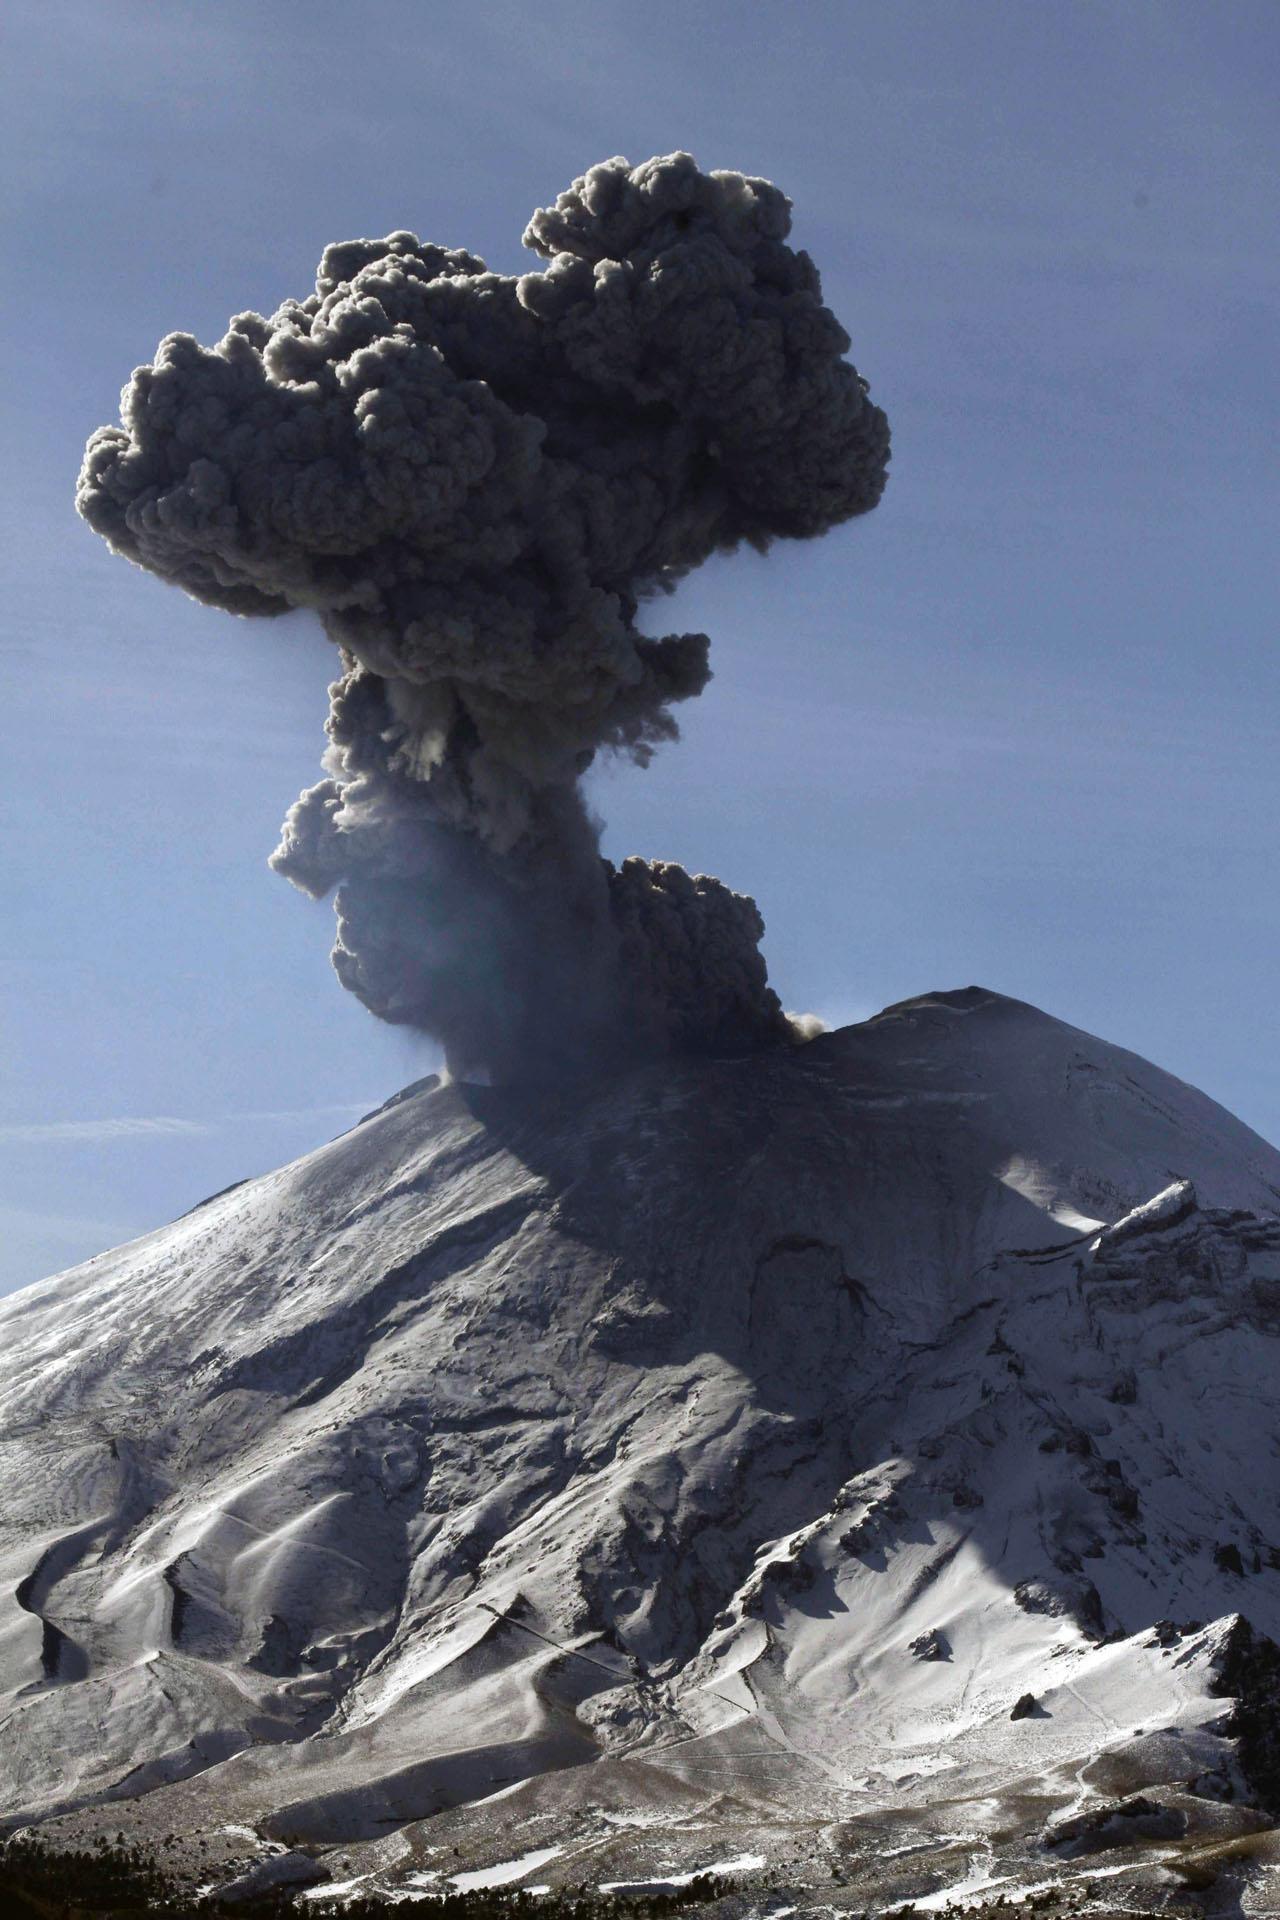 ภูเขาไฟส่งปีเก่า